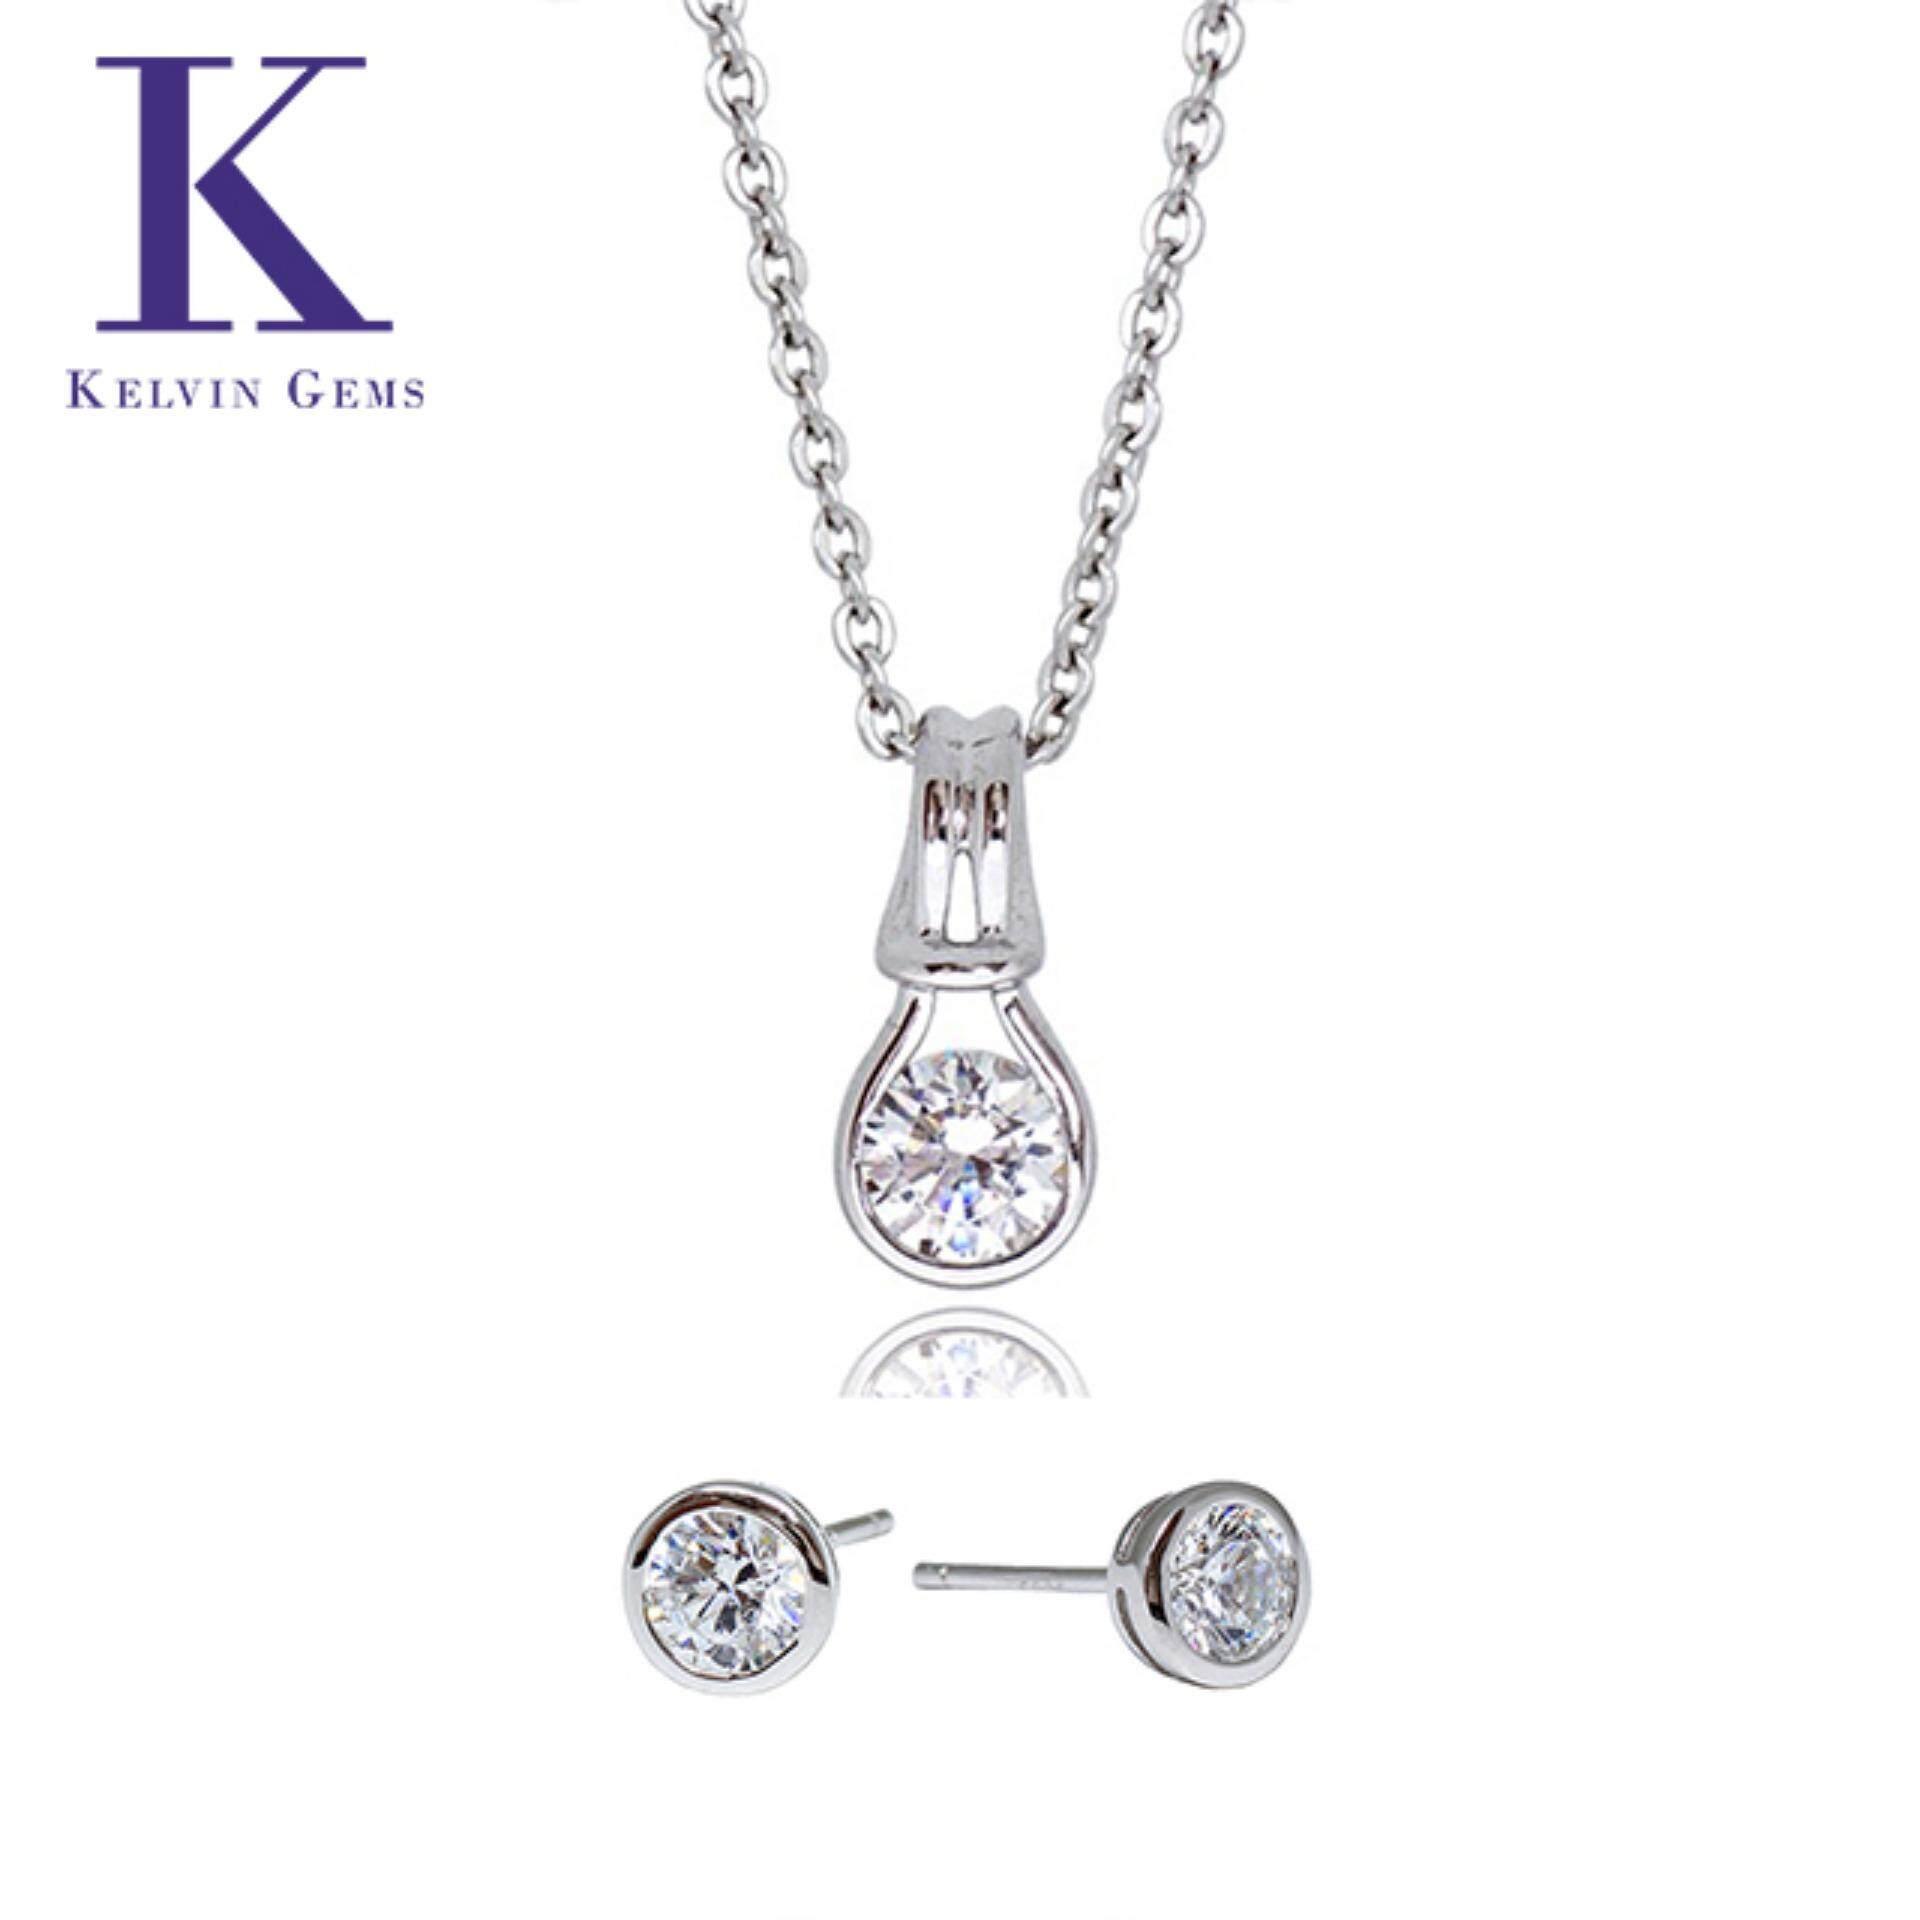 Kelvin Gems Premium Forever Pendant and Earring Gift Set